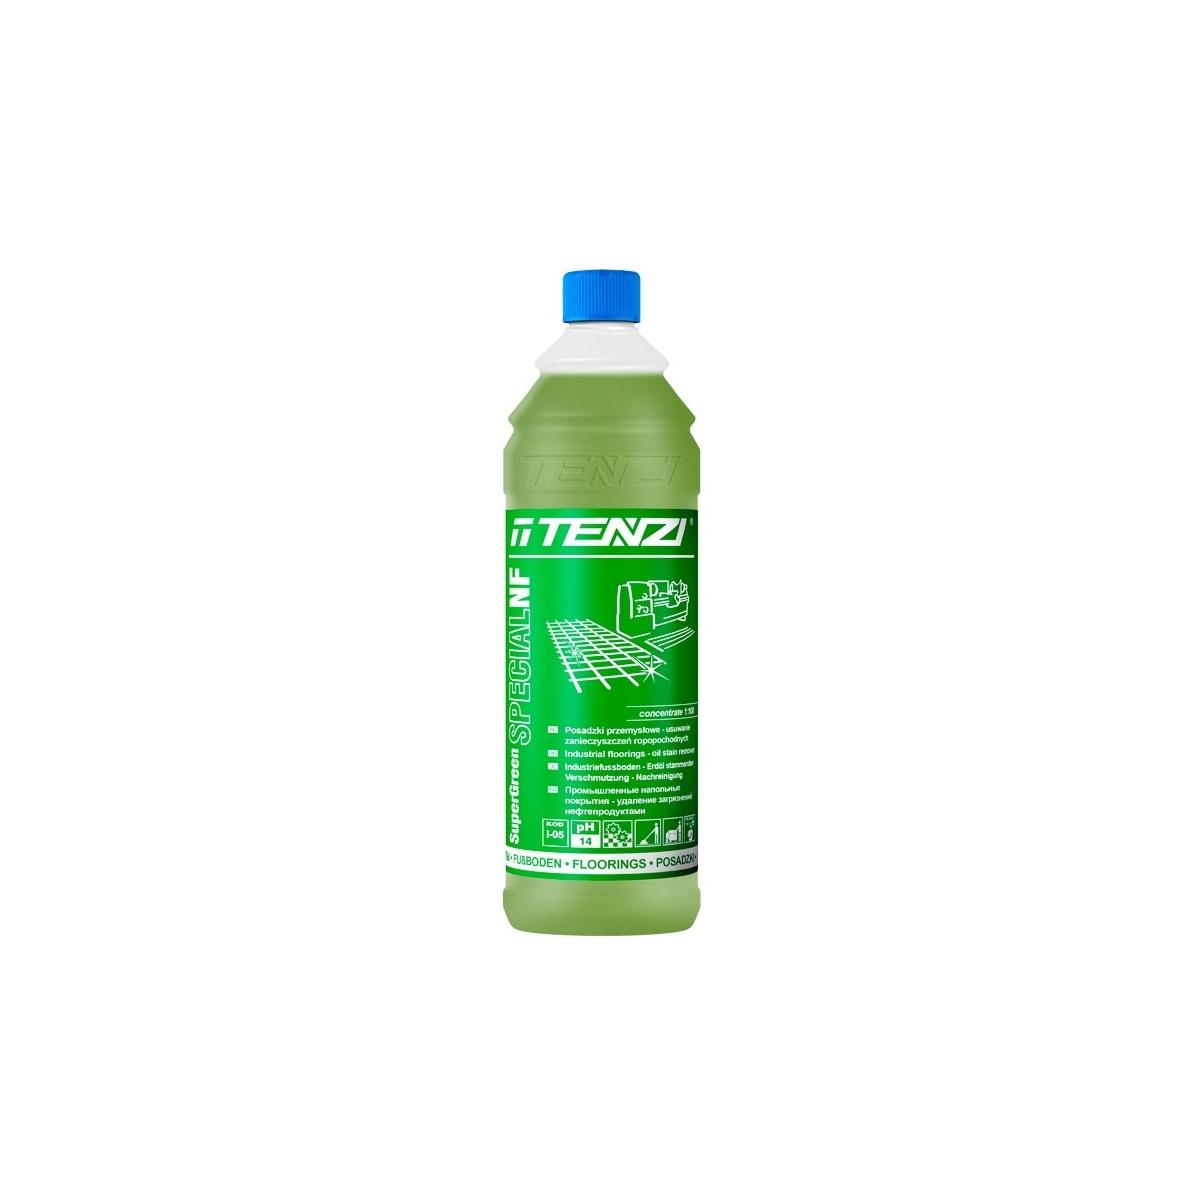 PŁYN DO PODŁÓG S-G-S NF 1L Płyn do podłóg TENZI - I05-001